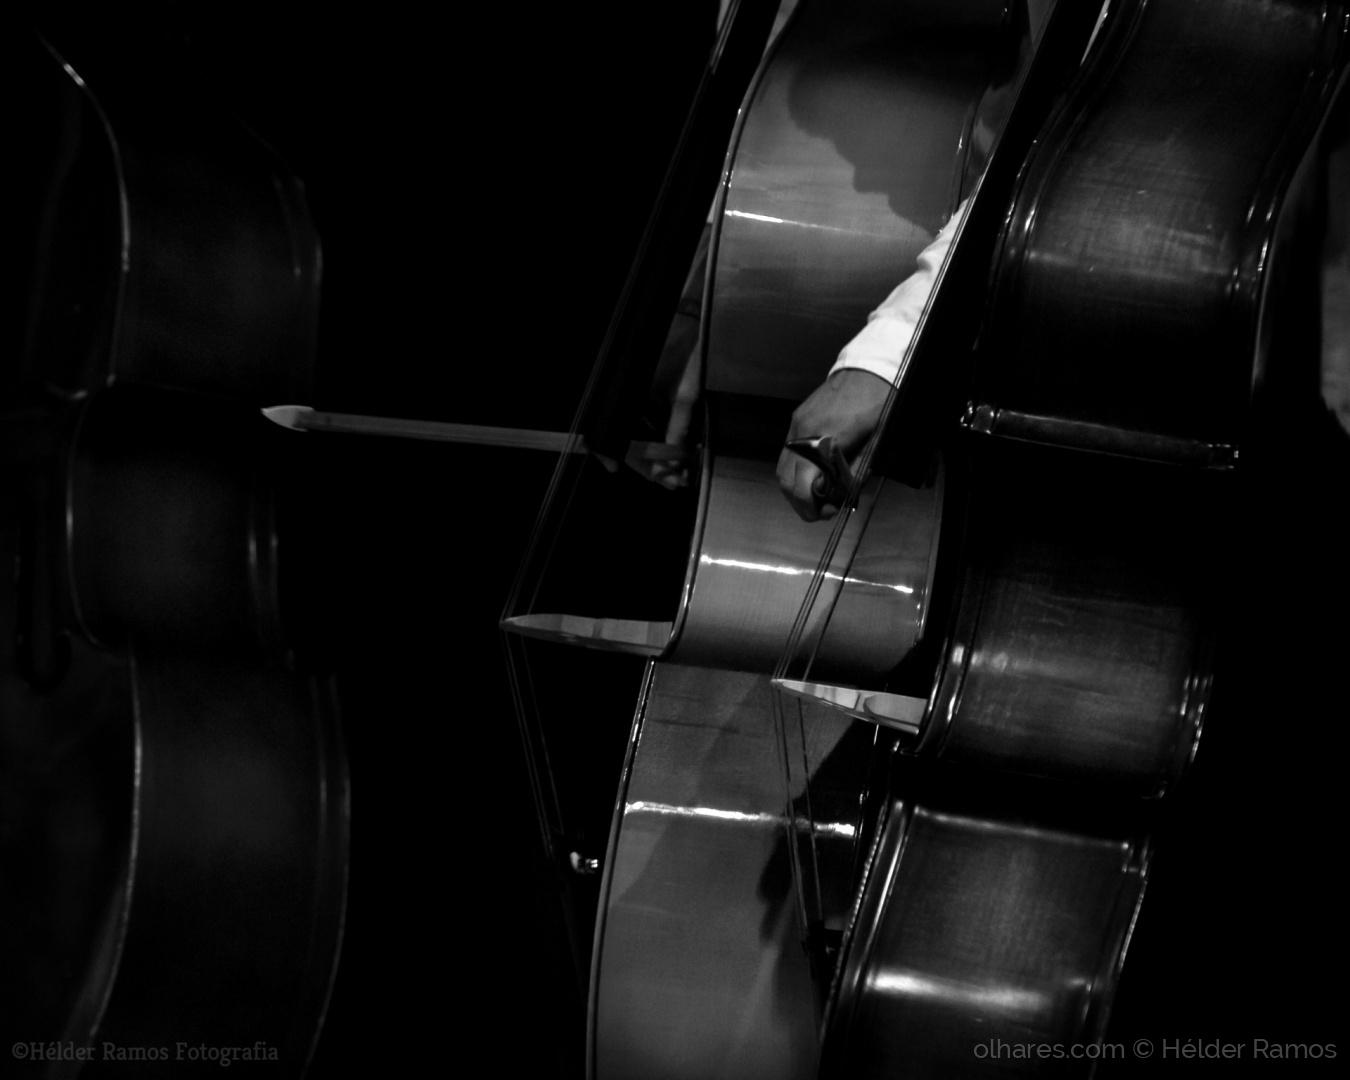 Espetáculos/O rosto da musica